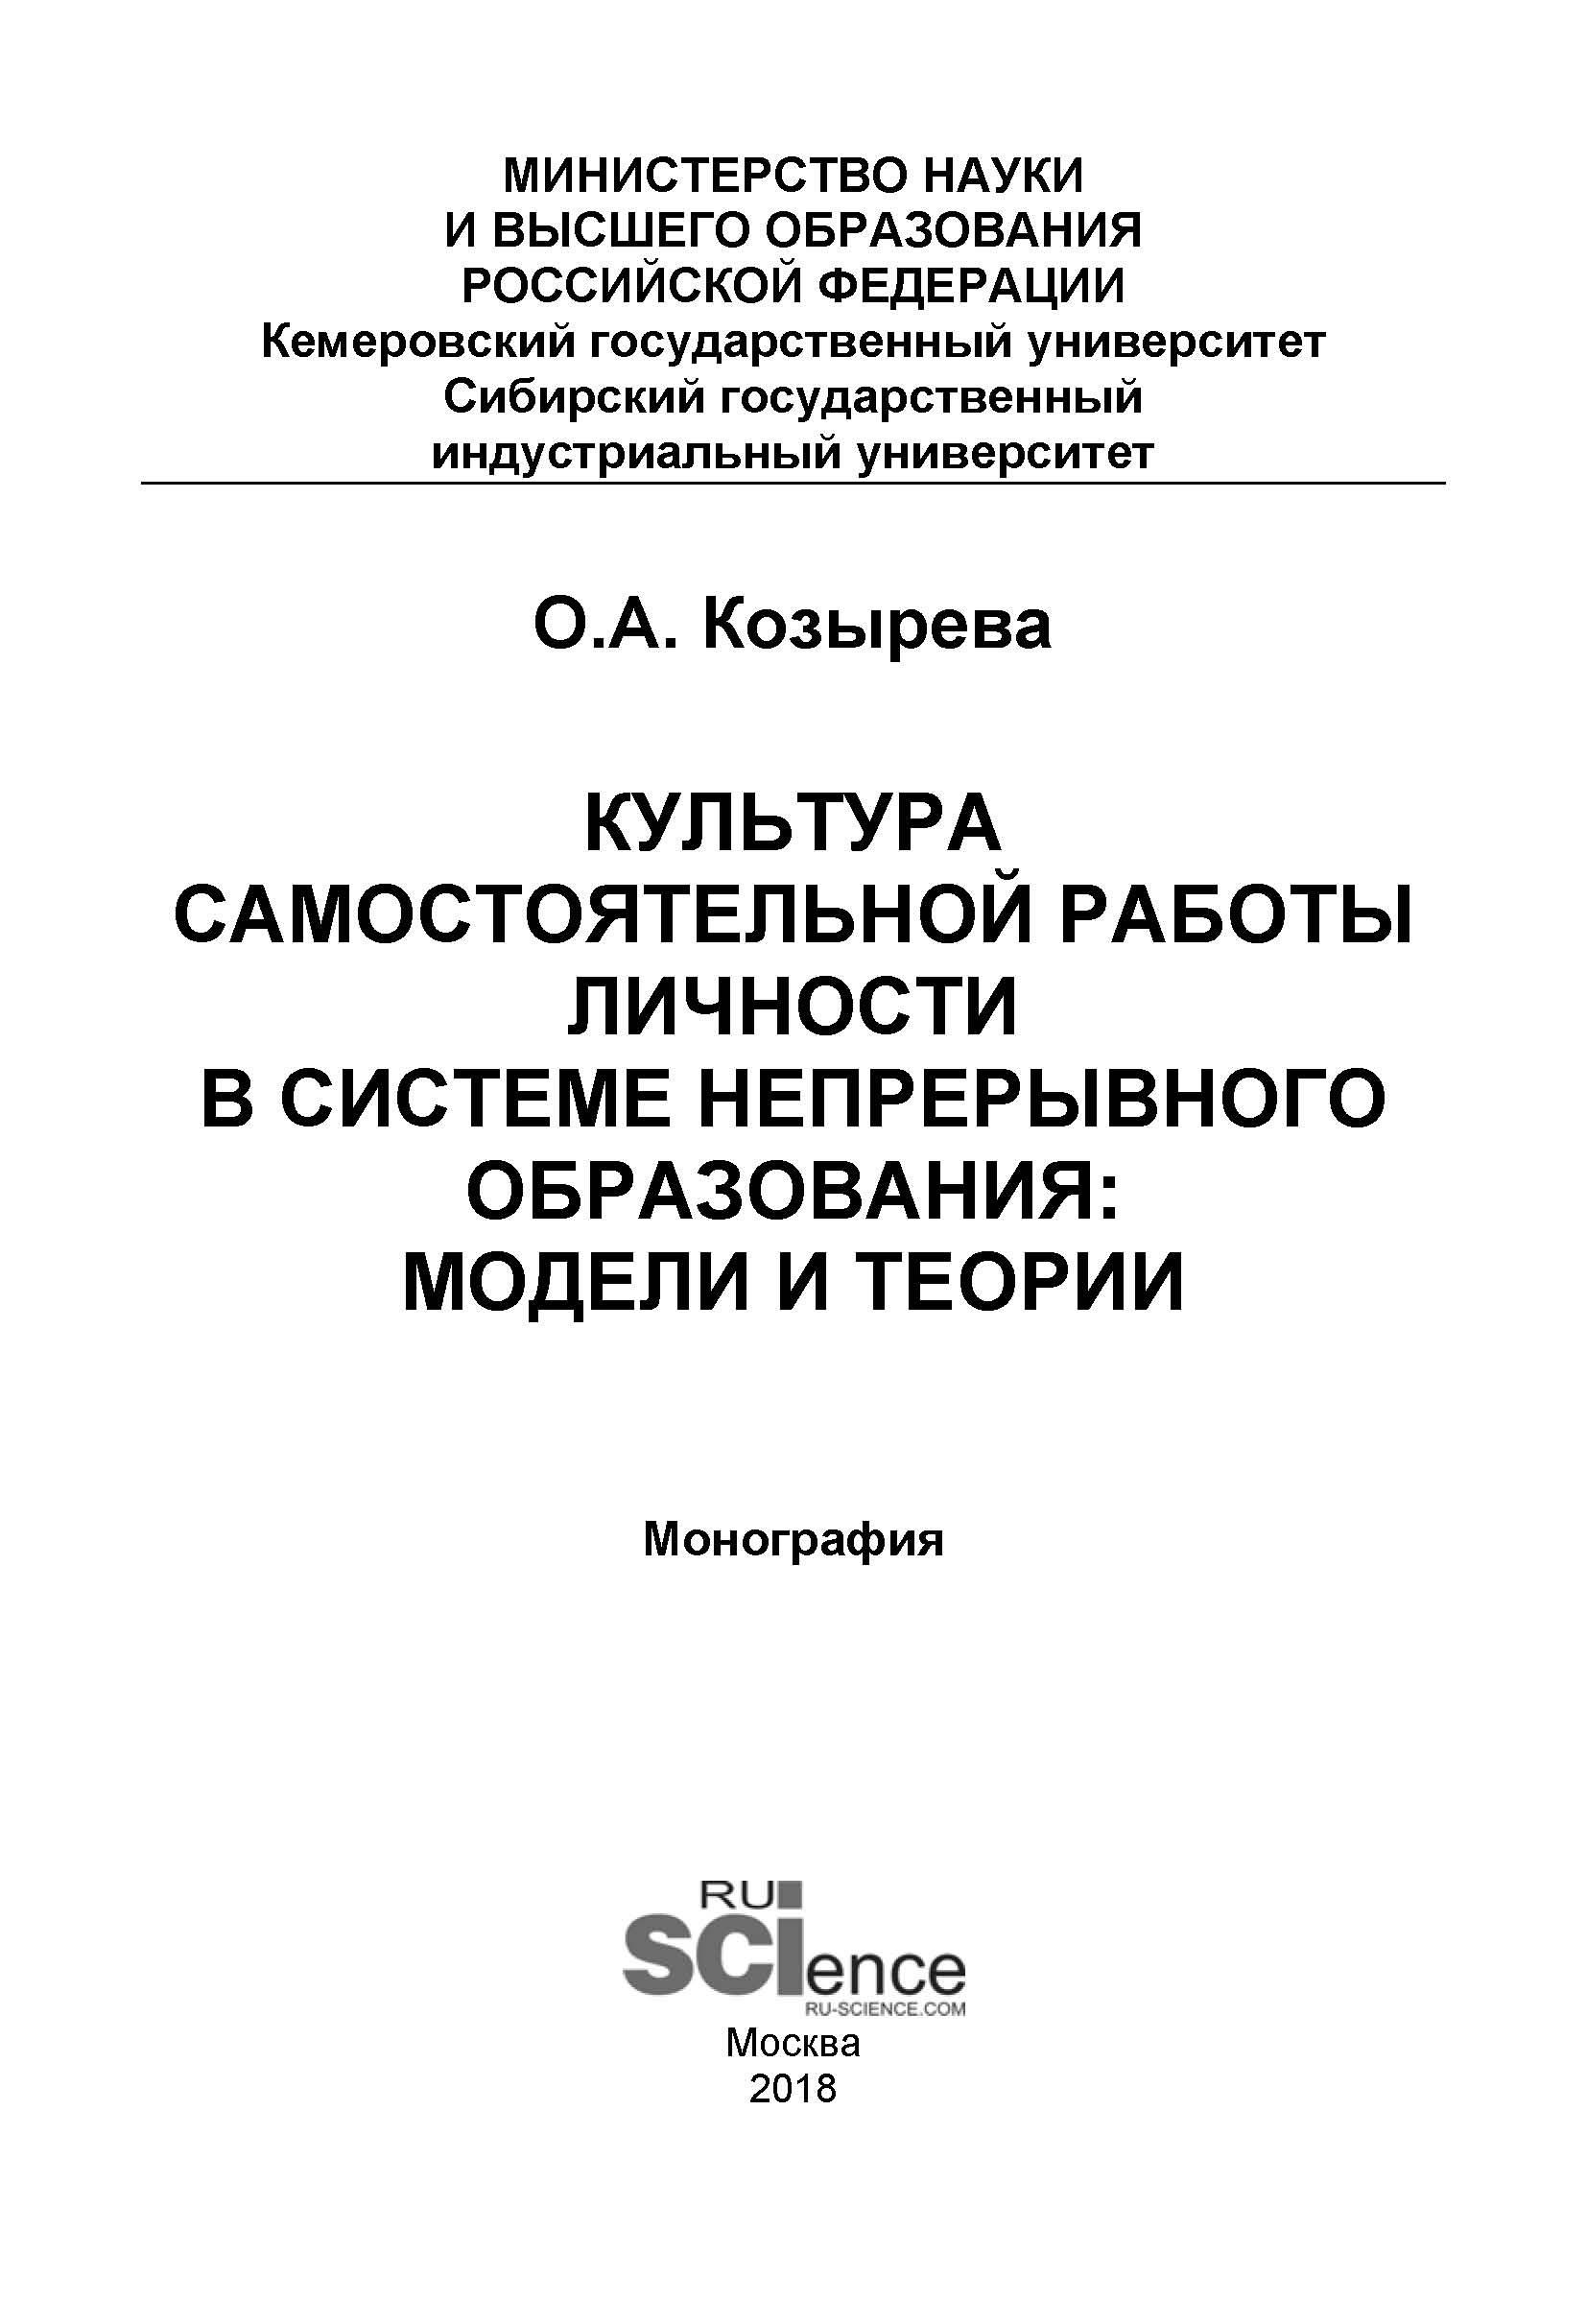 О. А. Козырева Культура самостоятельной работы личности в системе непрерывного образования: модели и теории цена